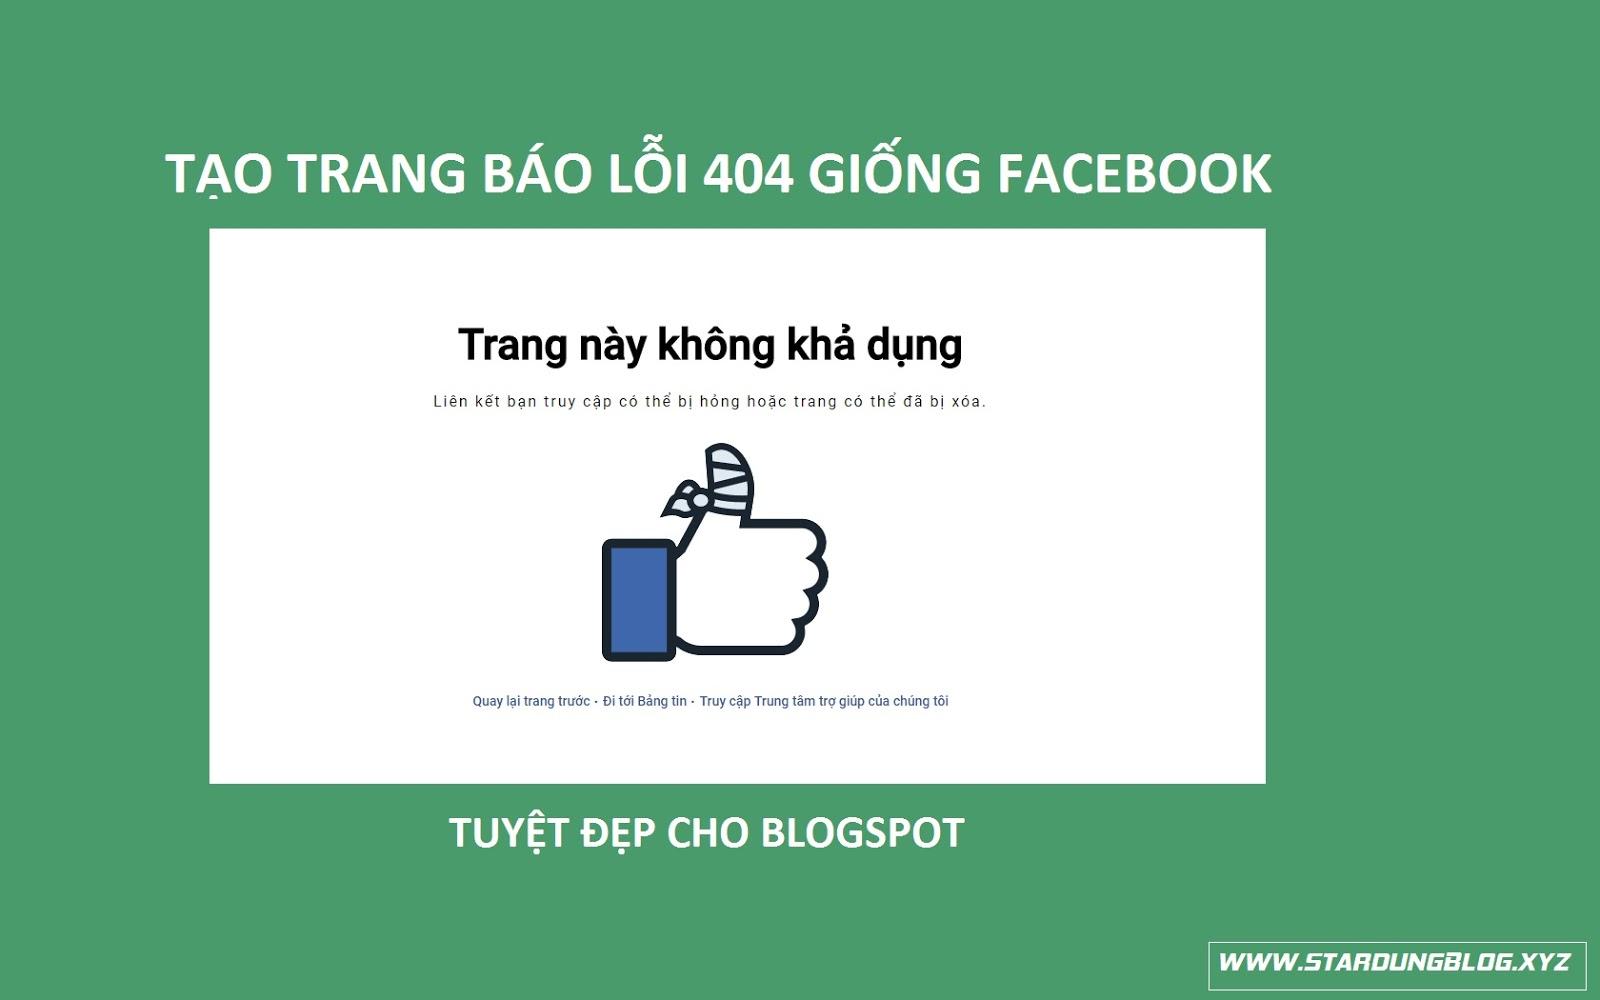 Tạo trang báo lỗi 404 giống Facebook tuyệt đẹp cho blogspot (Cực chất)